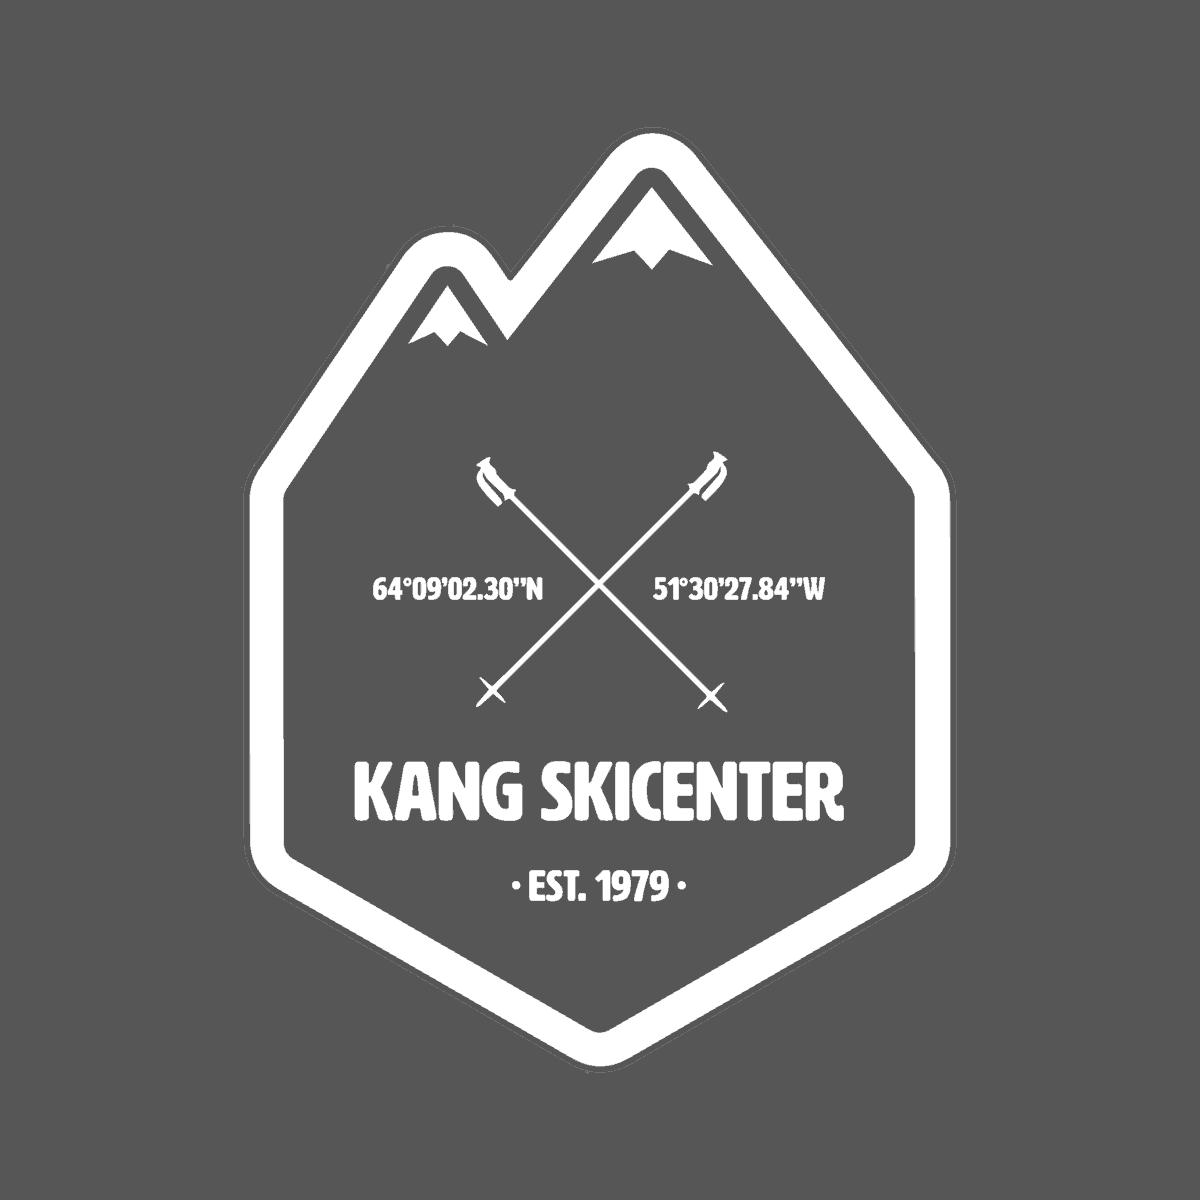 Kang Skicenter